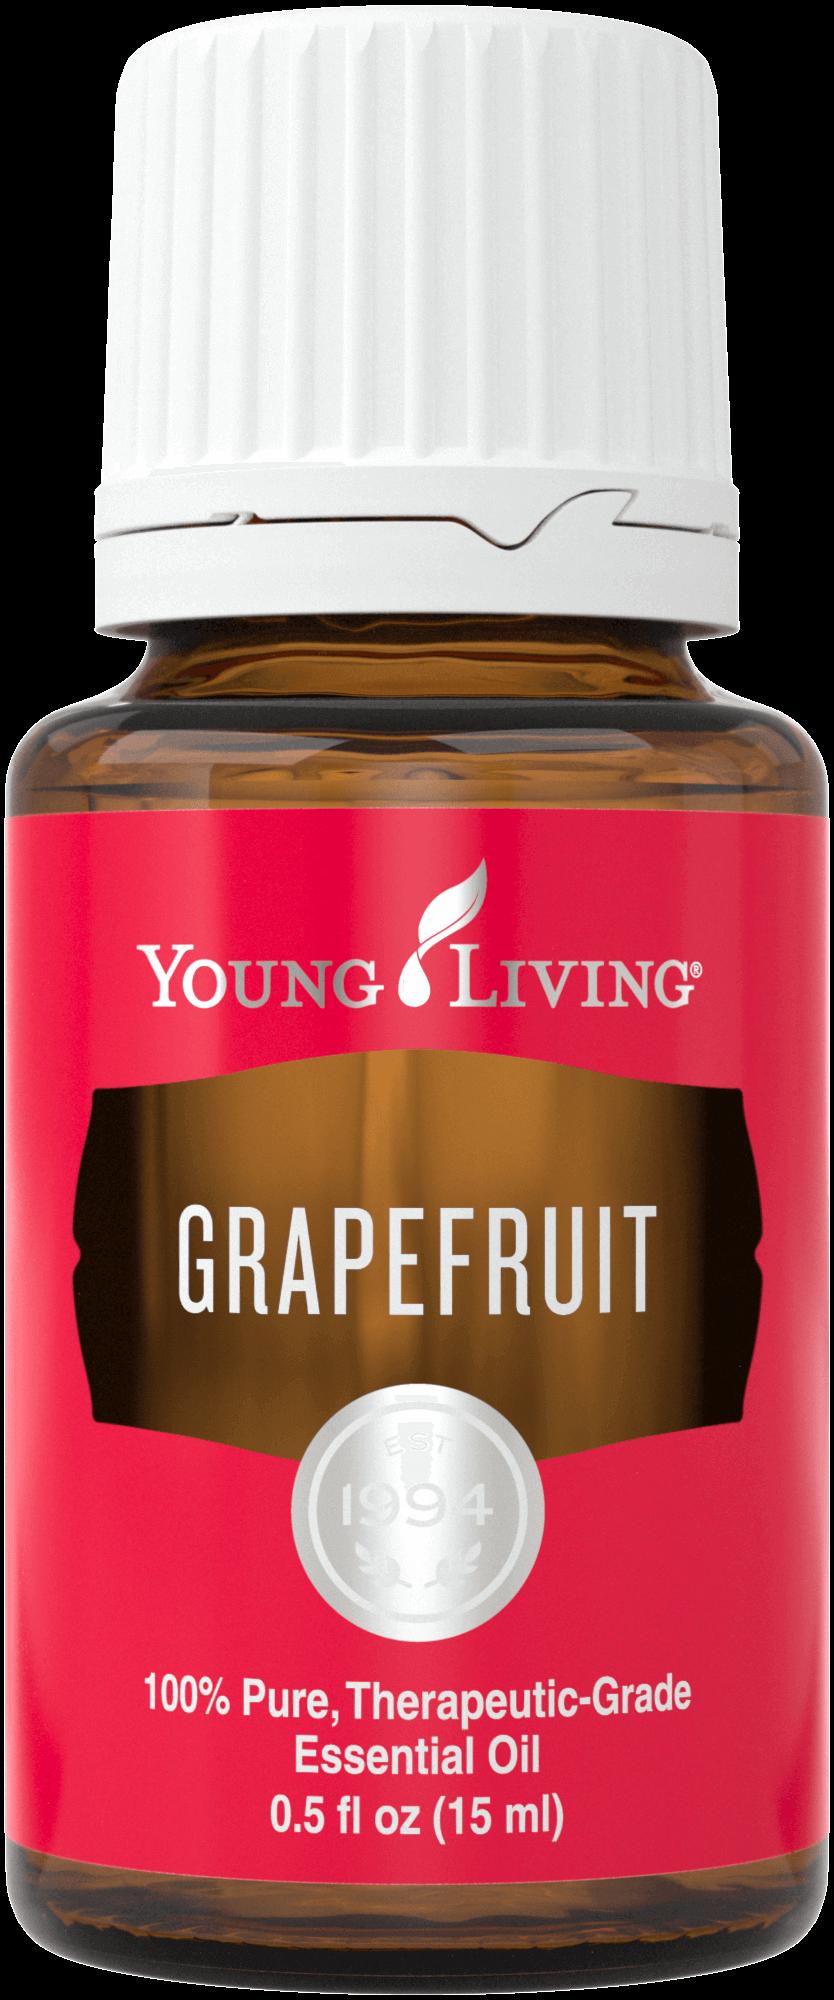 Ätherisches Öl Young Living: Grapefruit 15ml